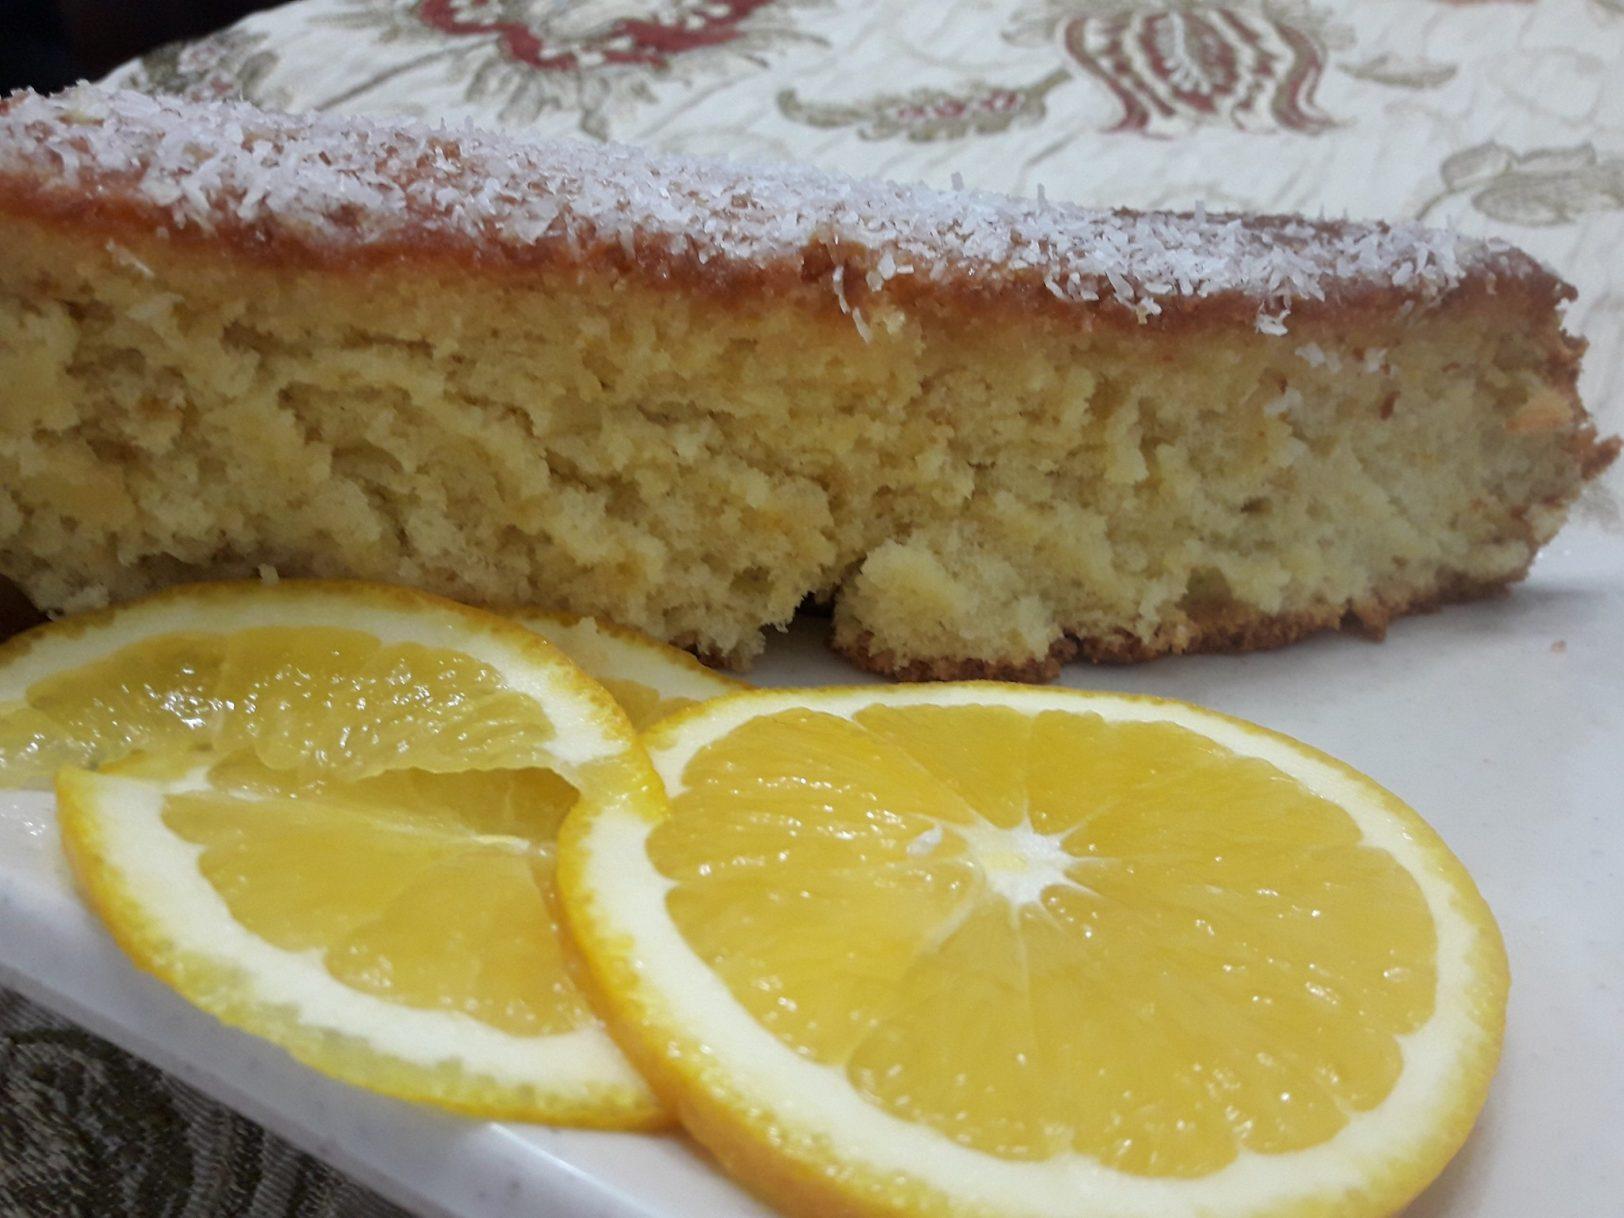 עוגת תפוזים רכה ועסיסית_מתכון של סופיה אביטל